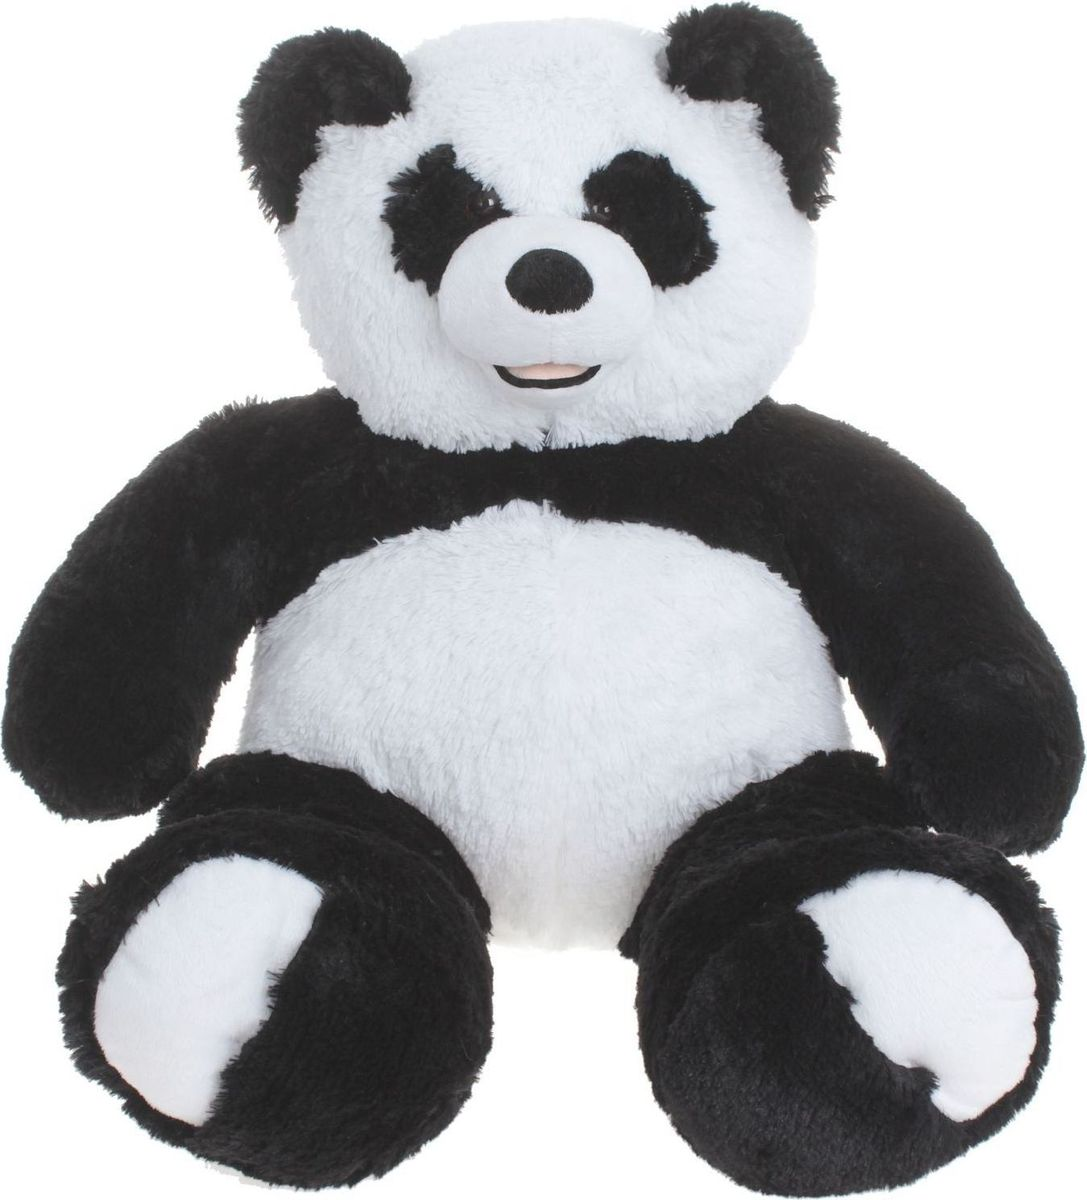 Три мишки Мягкая игрушка Мишка Патрик-Панда цвет черный белый 60 см, Мягкие игрушки  - купить со скидкой